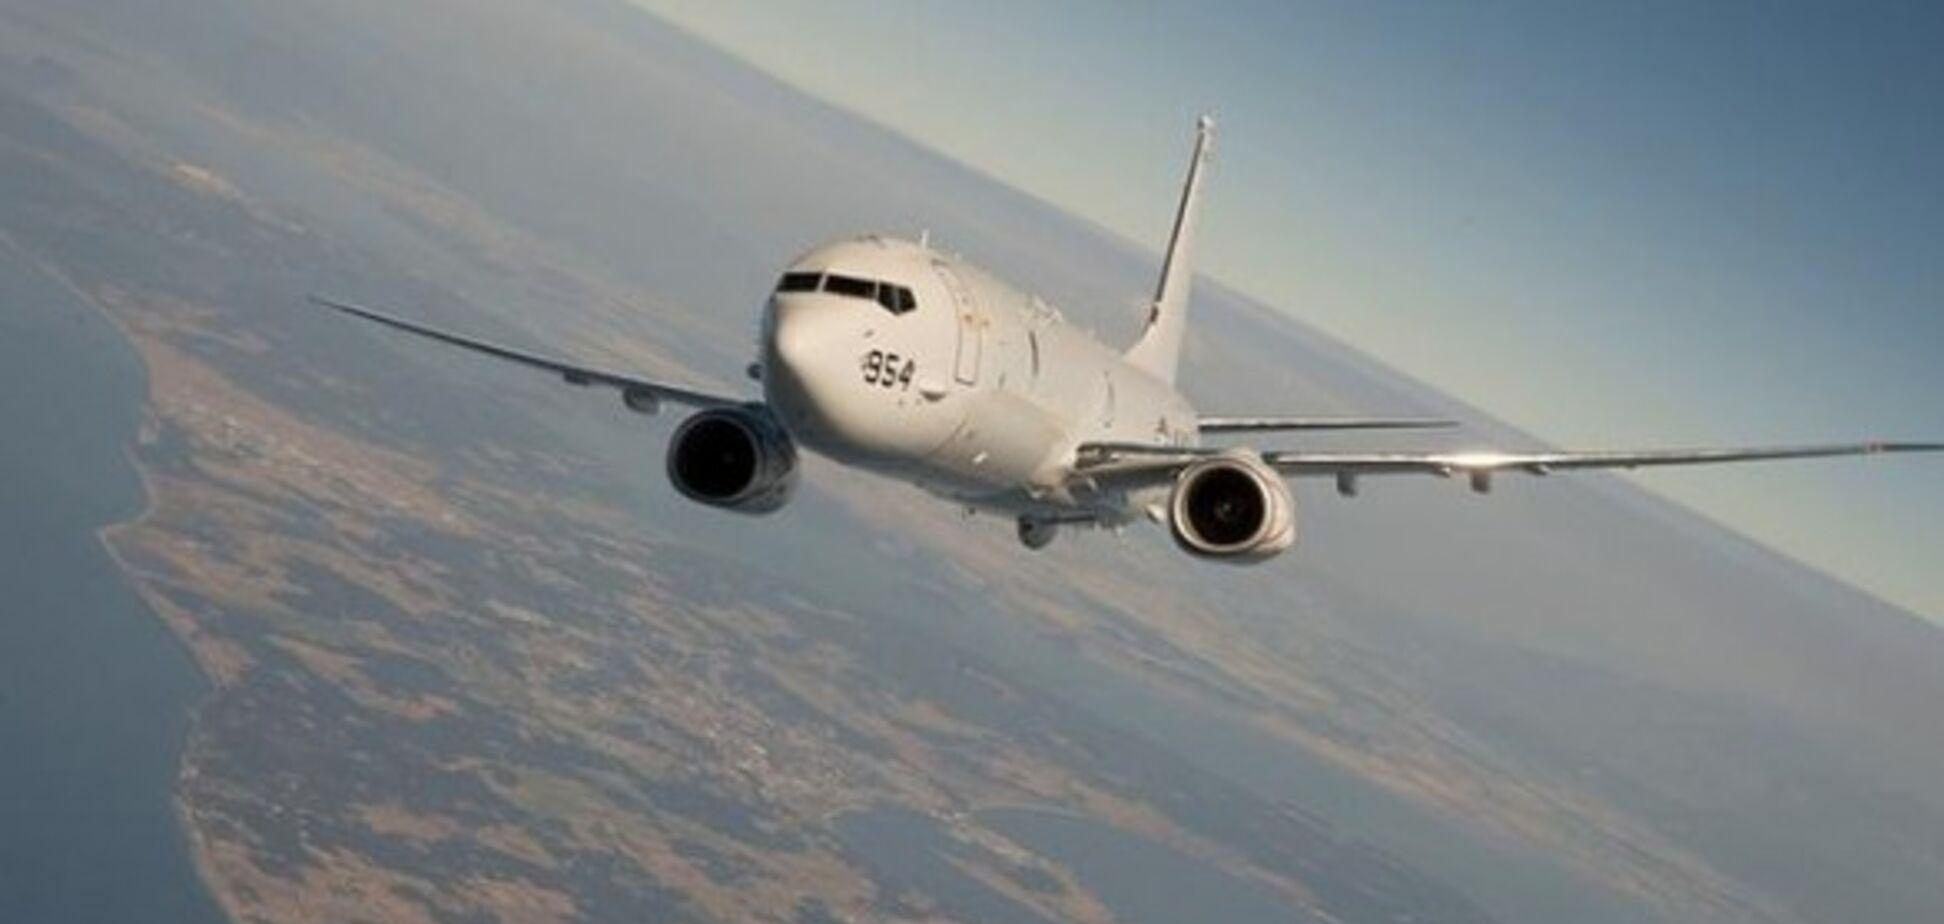 ''Мне скучно!'' Пилот-юморист нарисовал в небе фаллические символы: как это выглядело